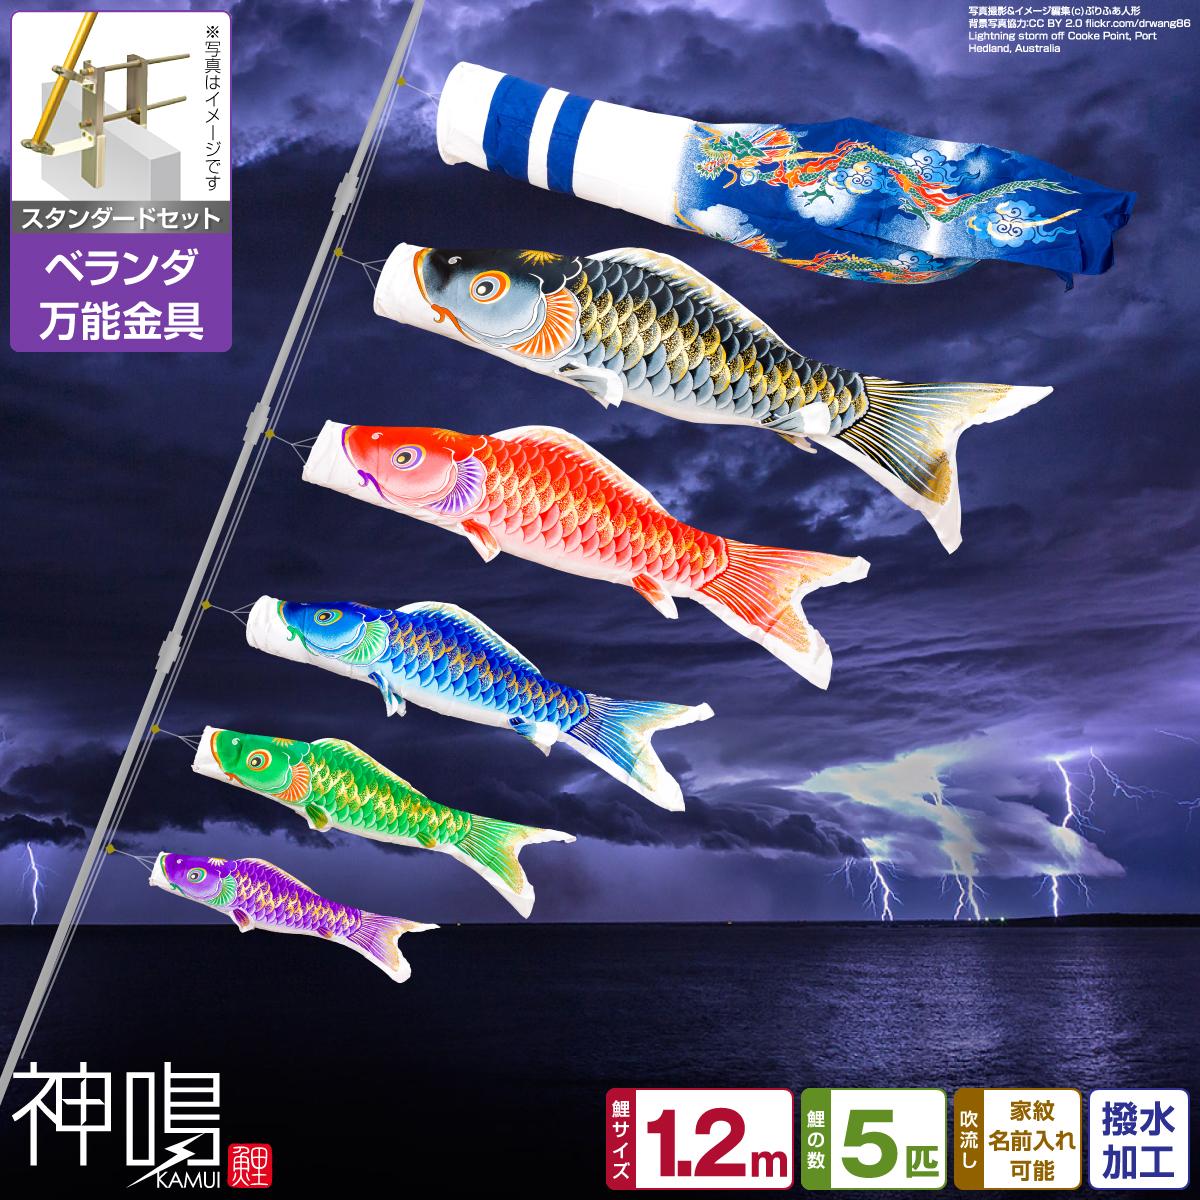 ベランダ用 鯉のぼり 神鳴鯉-KAMUI- 1.2m 8点(吹流し+鯉5匹+矢車+ロープ)/スタンダードセット(万能取付金具)